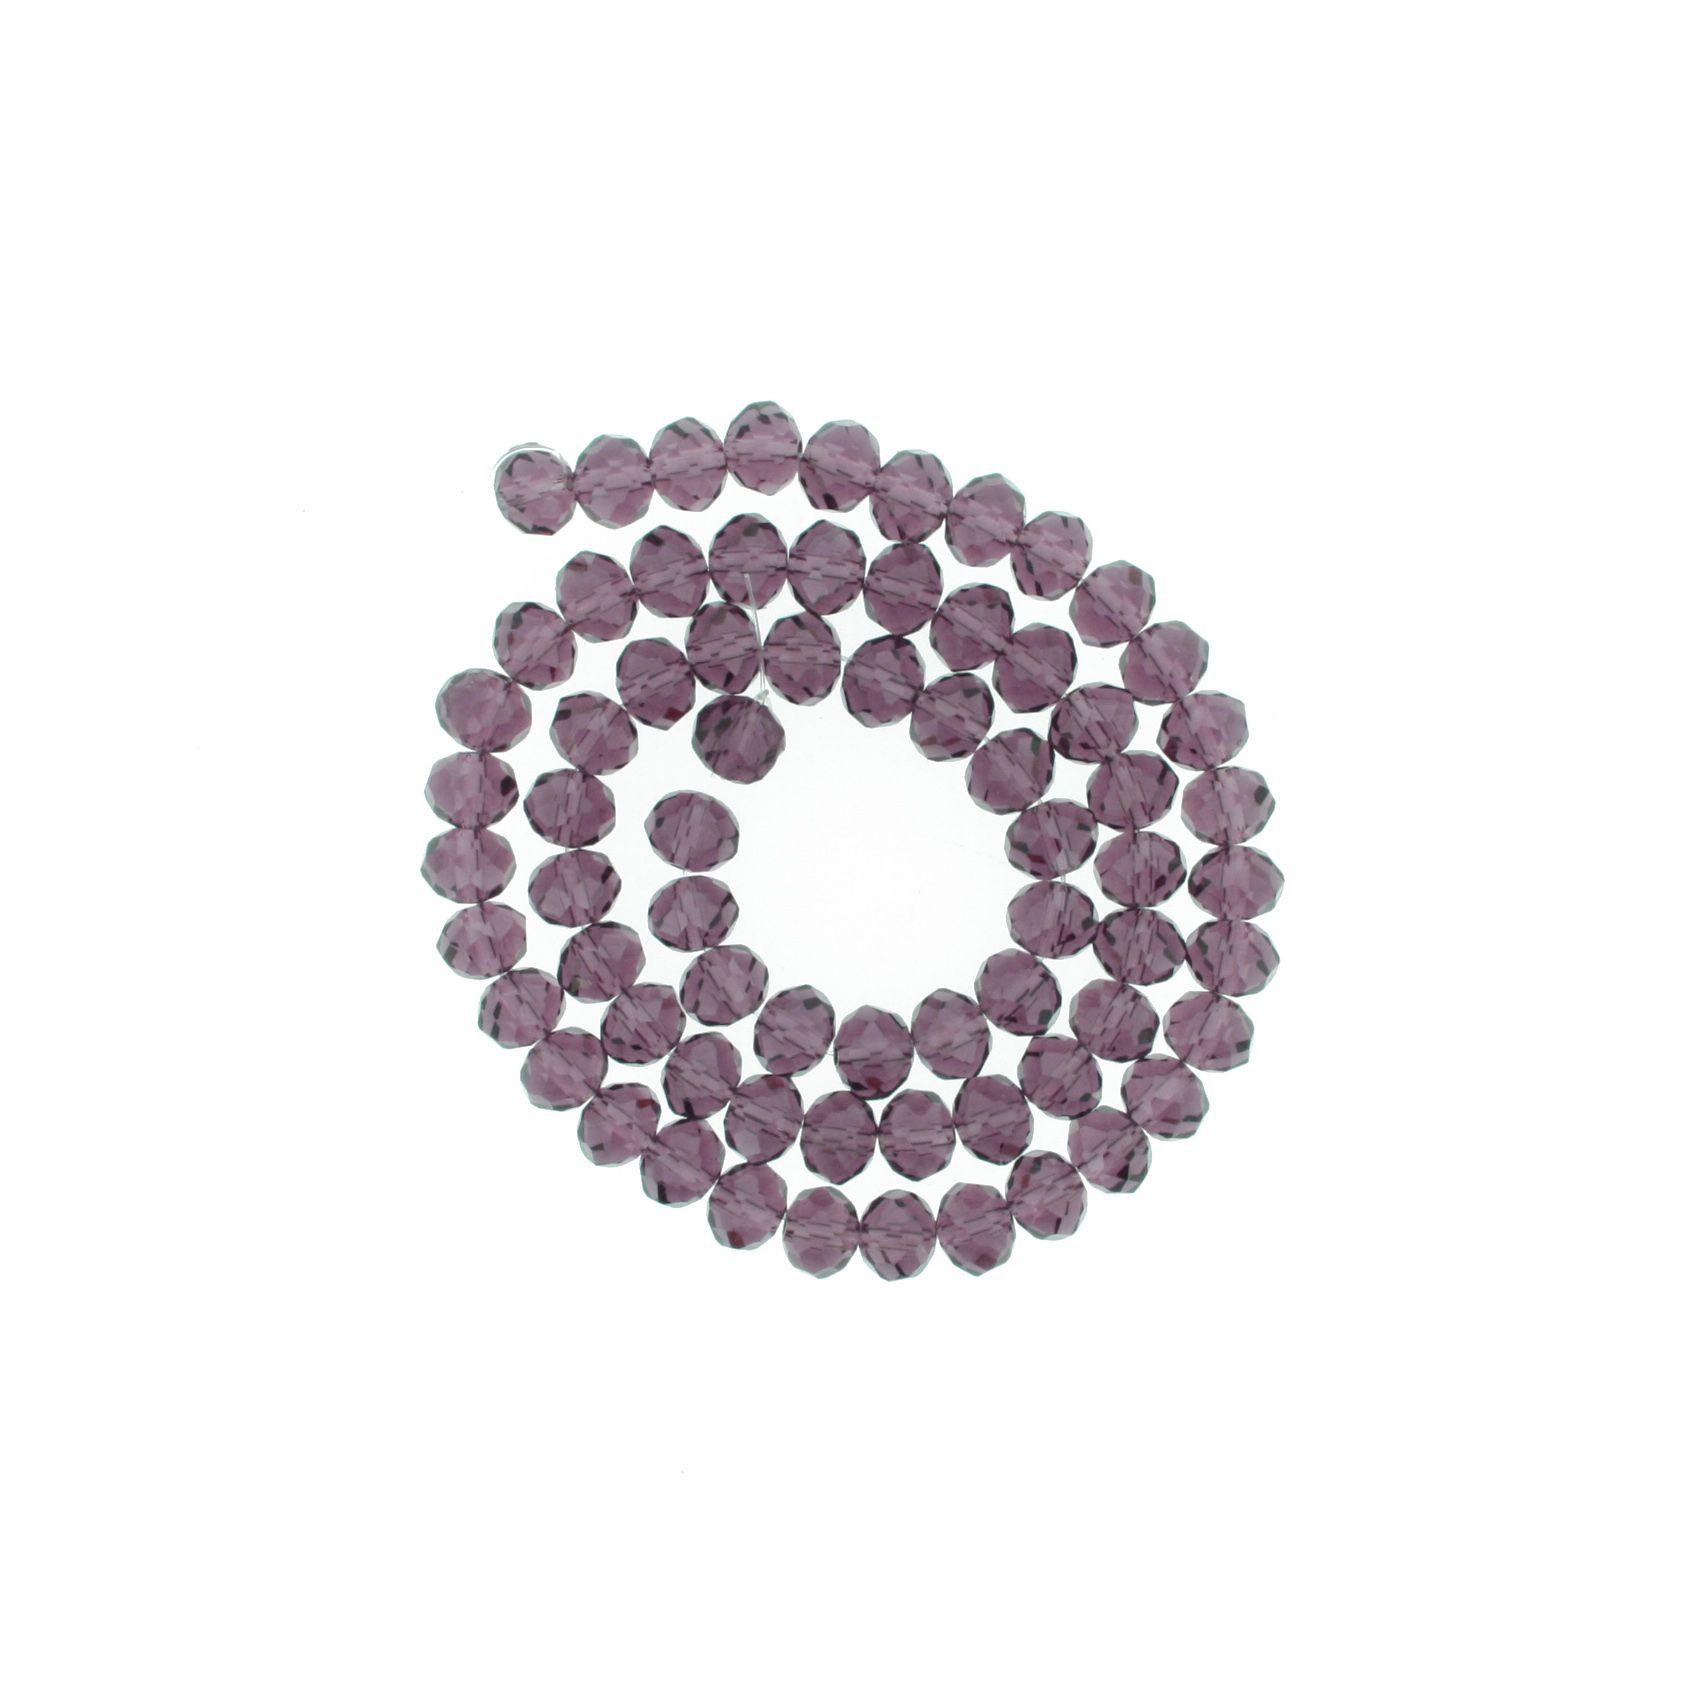 Fio de Cristal - Flat® - Roxo Transparente - 8mm  - Stéphanie Bijoux® - Peças para Bijuterias e Artesanato